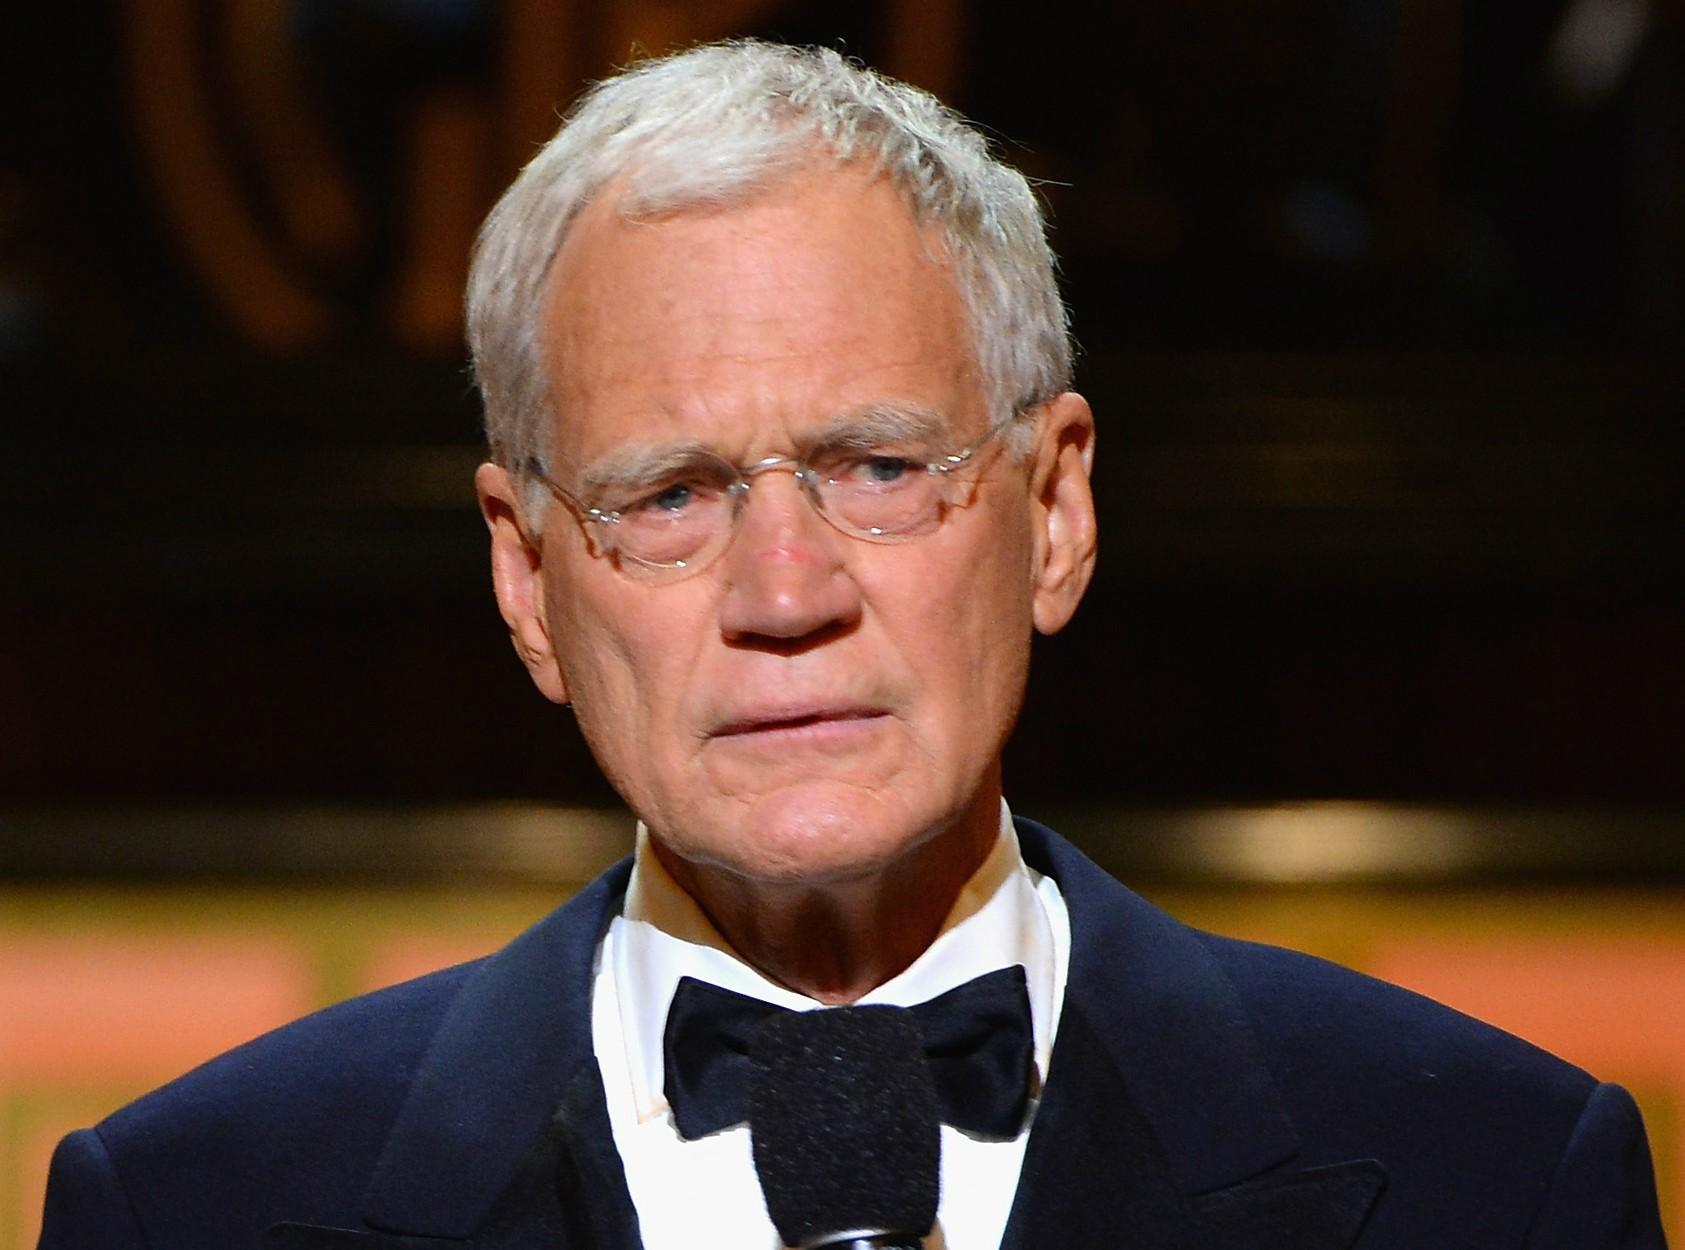 David Letterman deixou de lado o humor indefectível de apresentador de talk show para, no ar, pedir desculpas à esposa e ao público pela quantidade amantes que teve. (Foto: Getty Images)